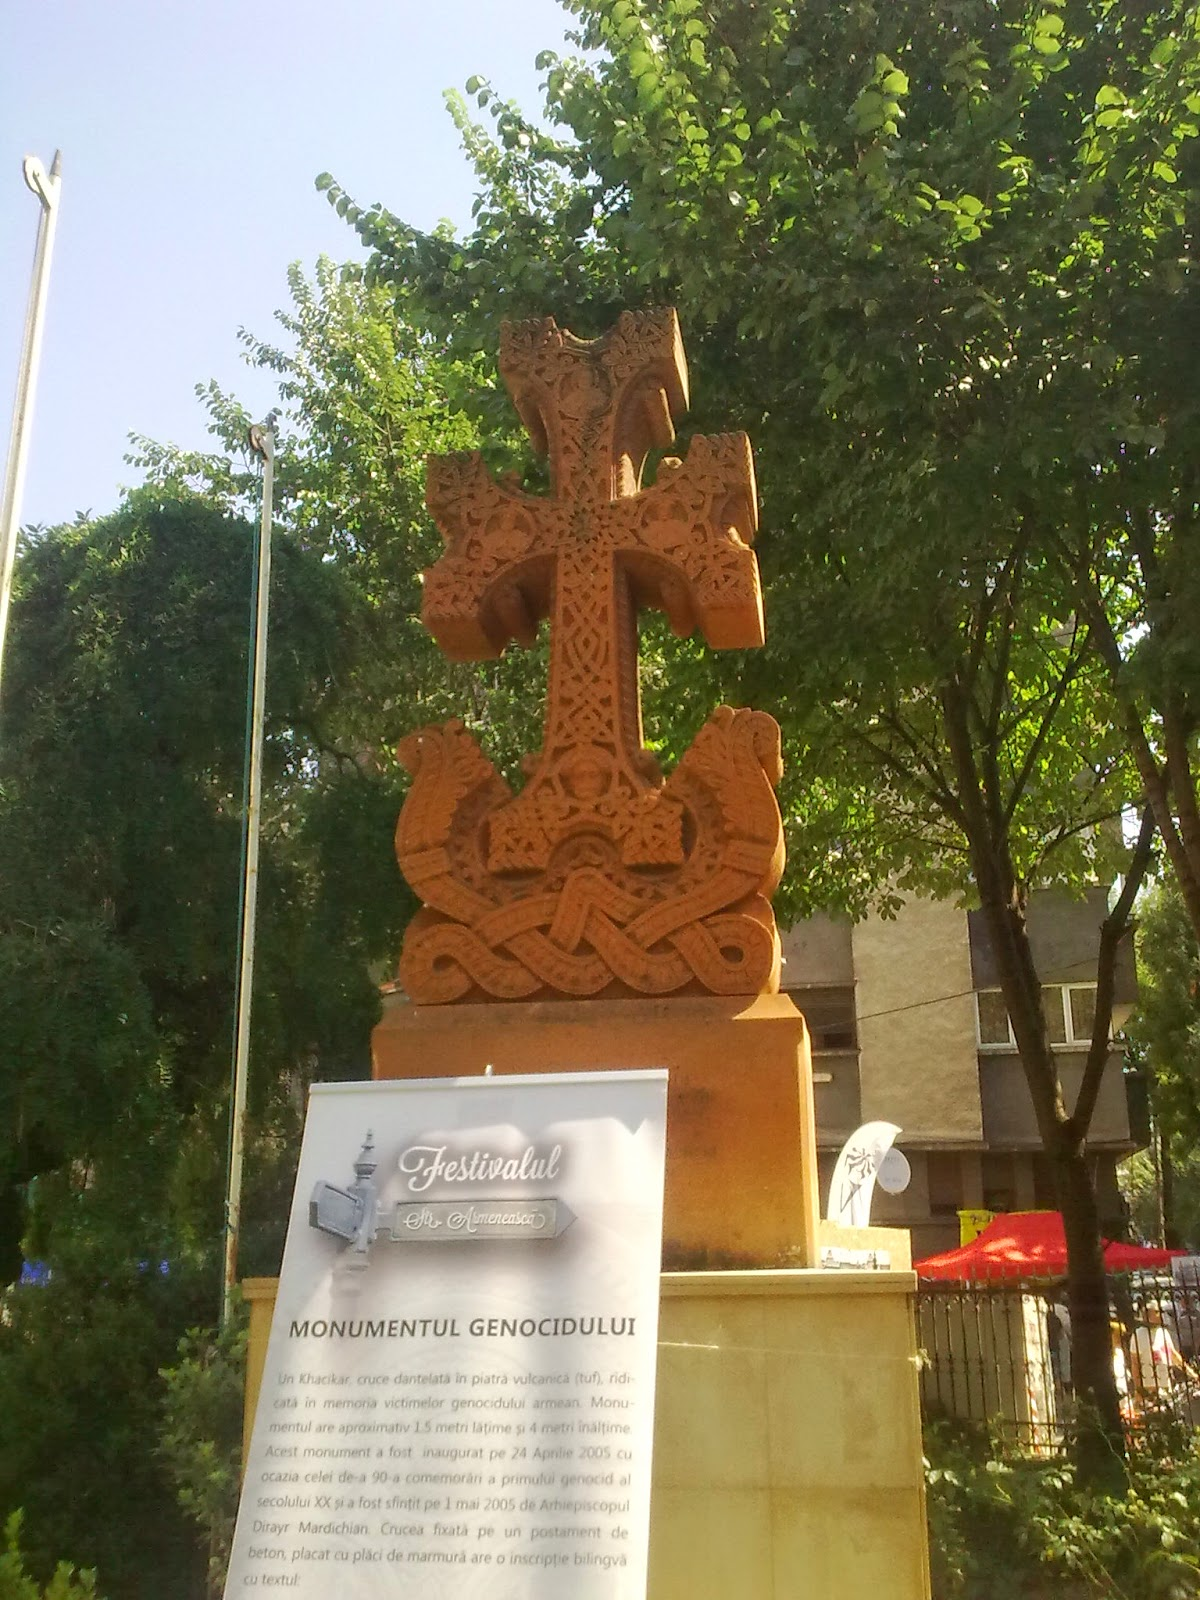 Monumentul Genocidului armenilor din curtea Bisericii armeneşti